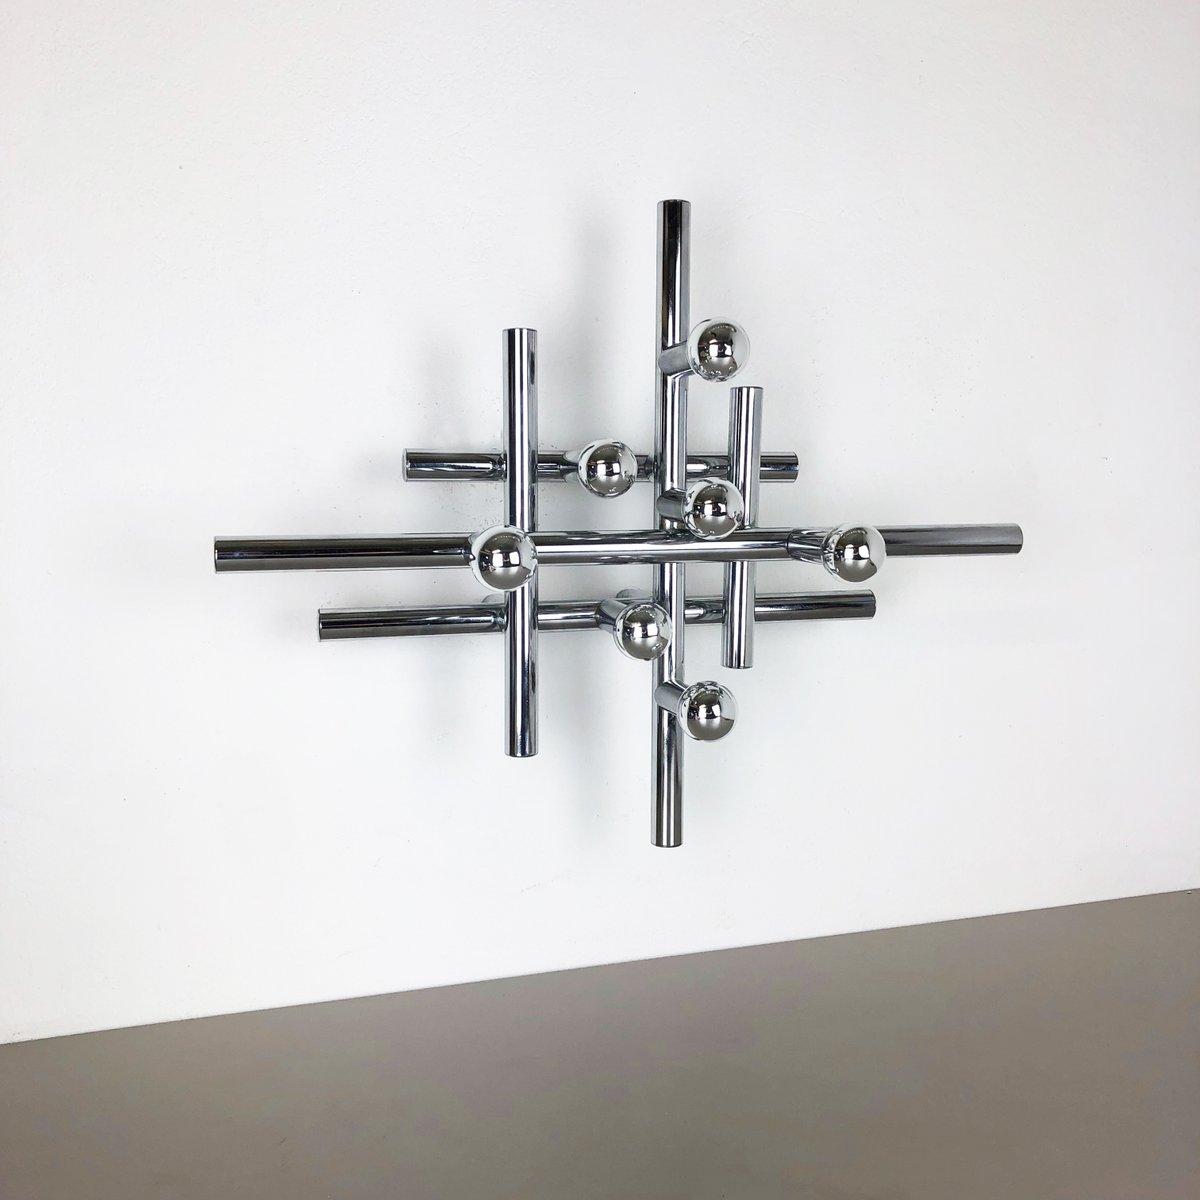 Moderne Sputnik Wandlampe aus Chrom von Temde, 1970er